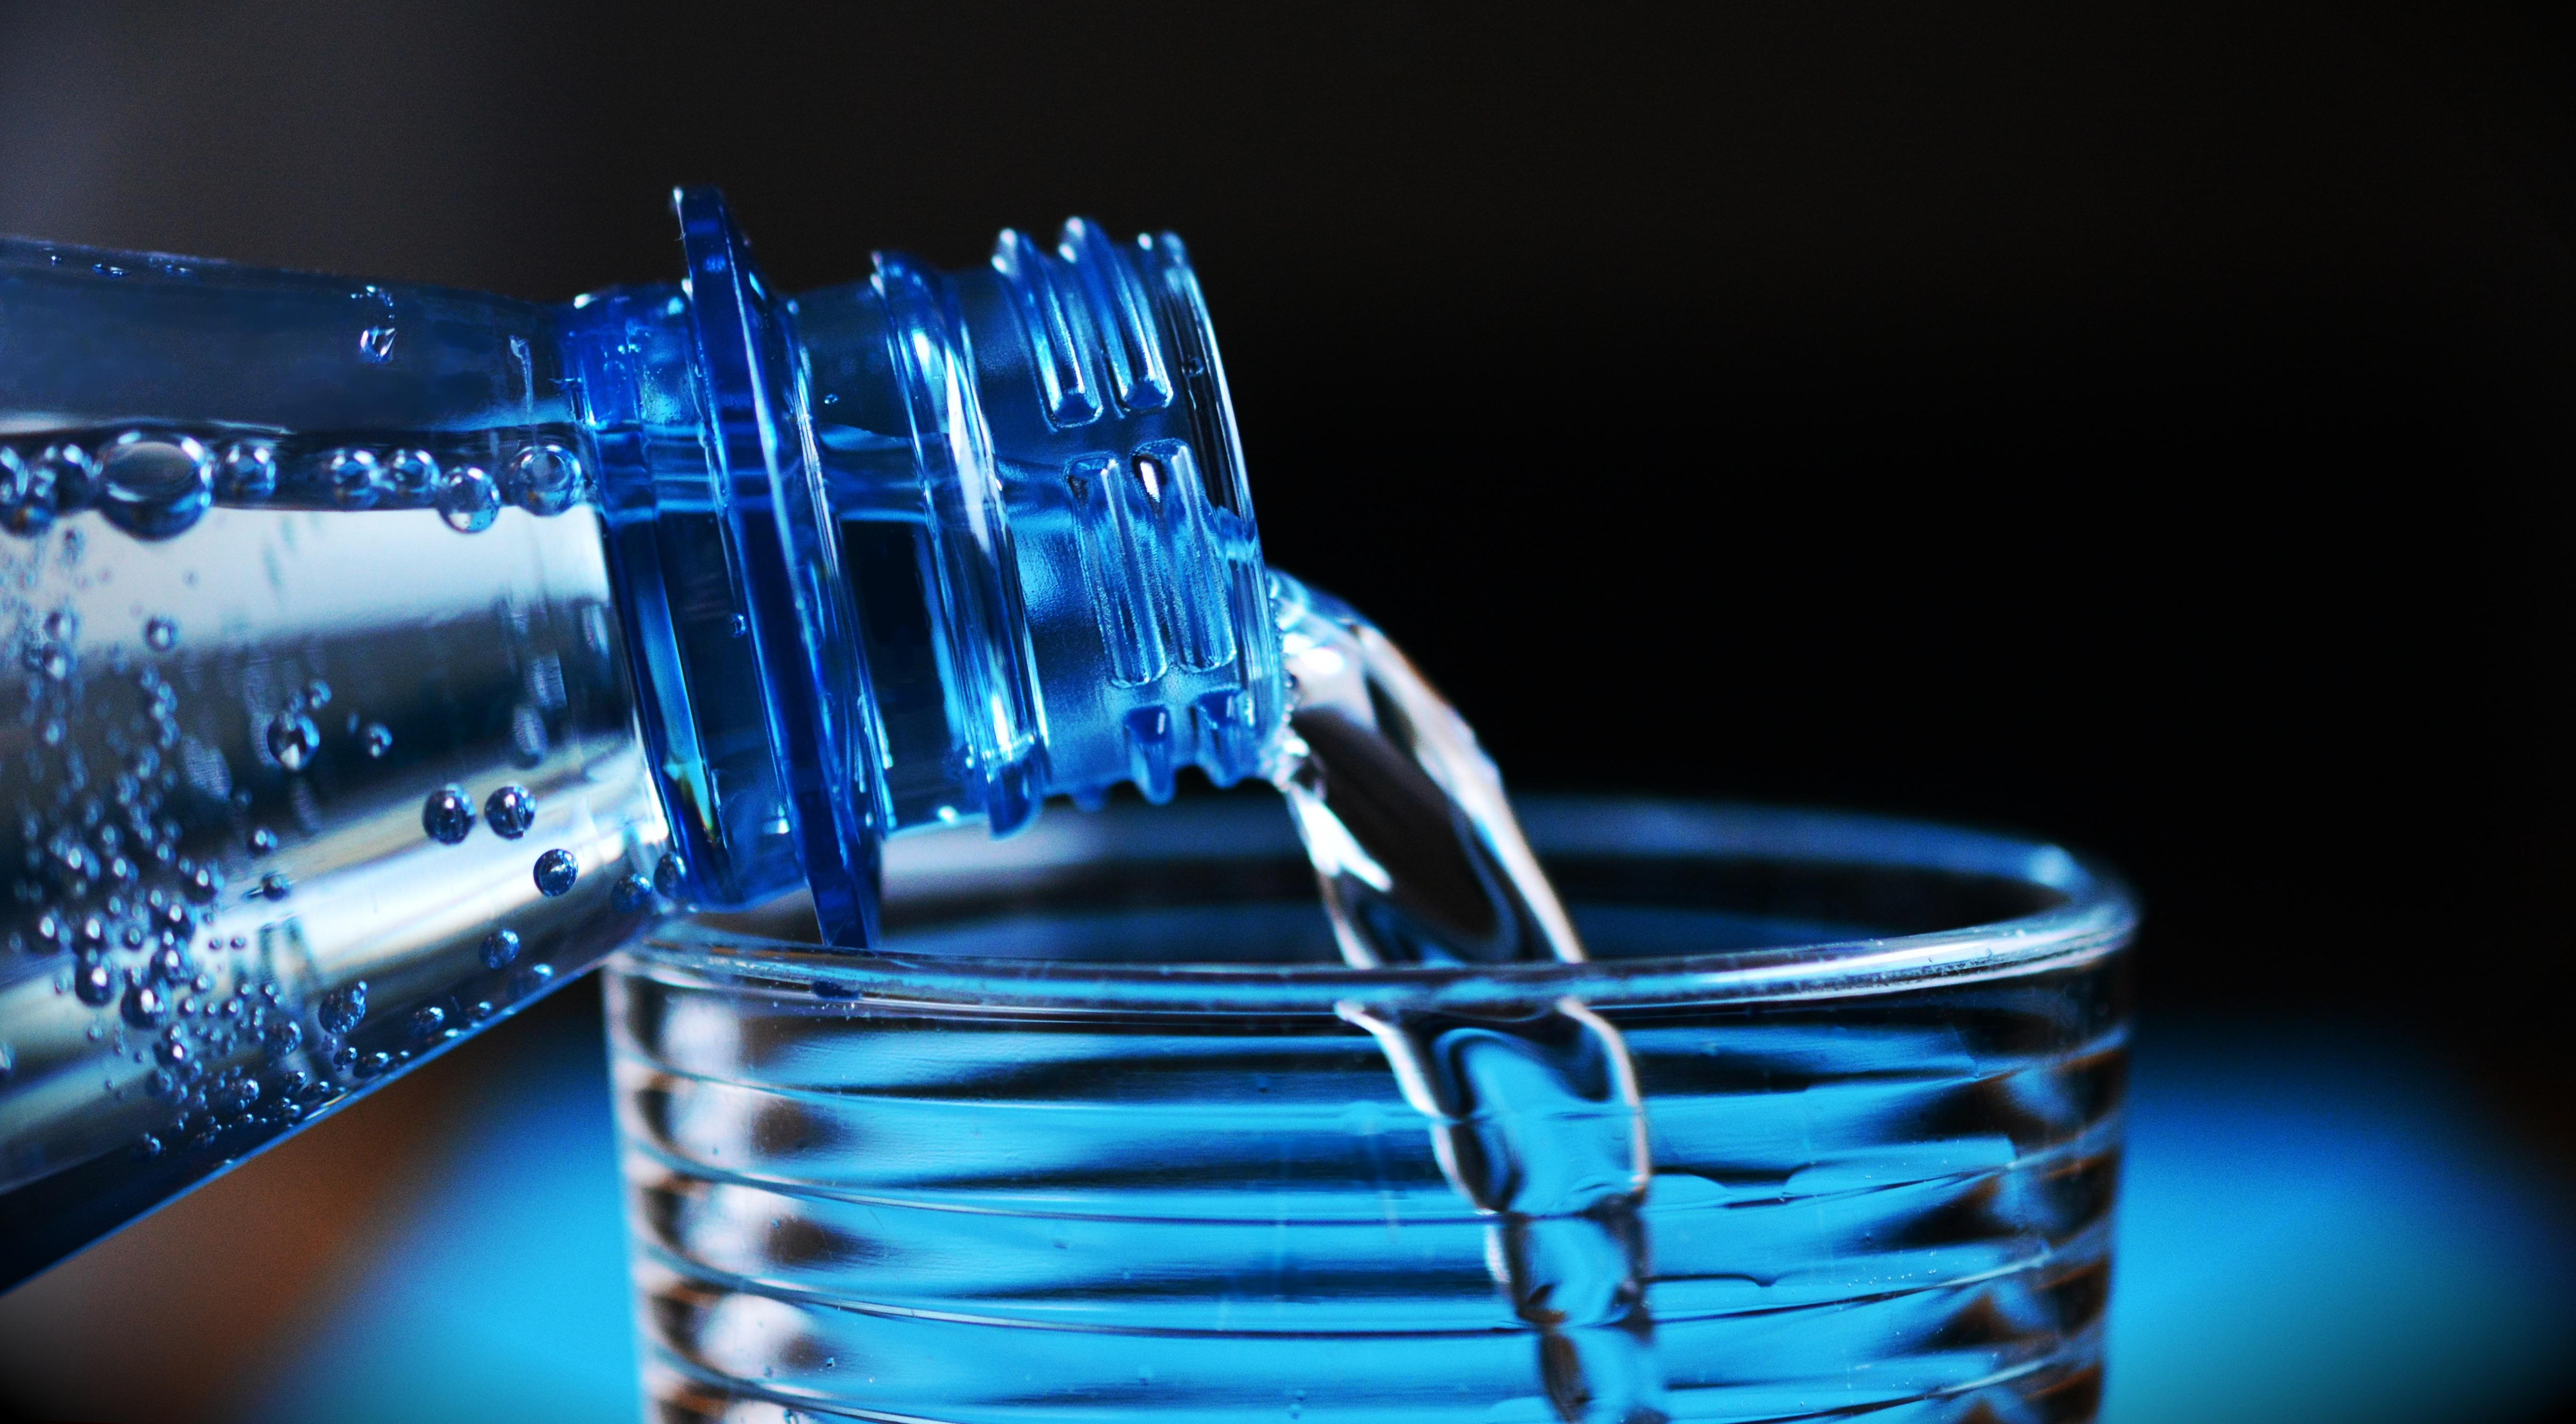 vand og fordjelsejpg